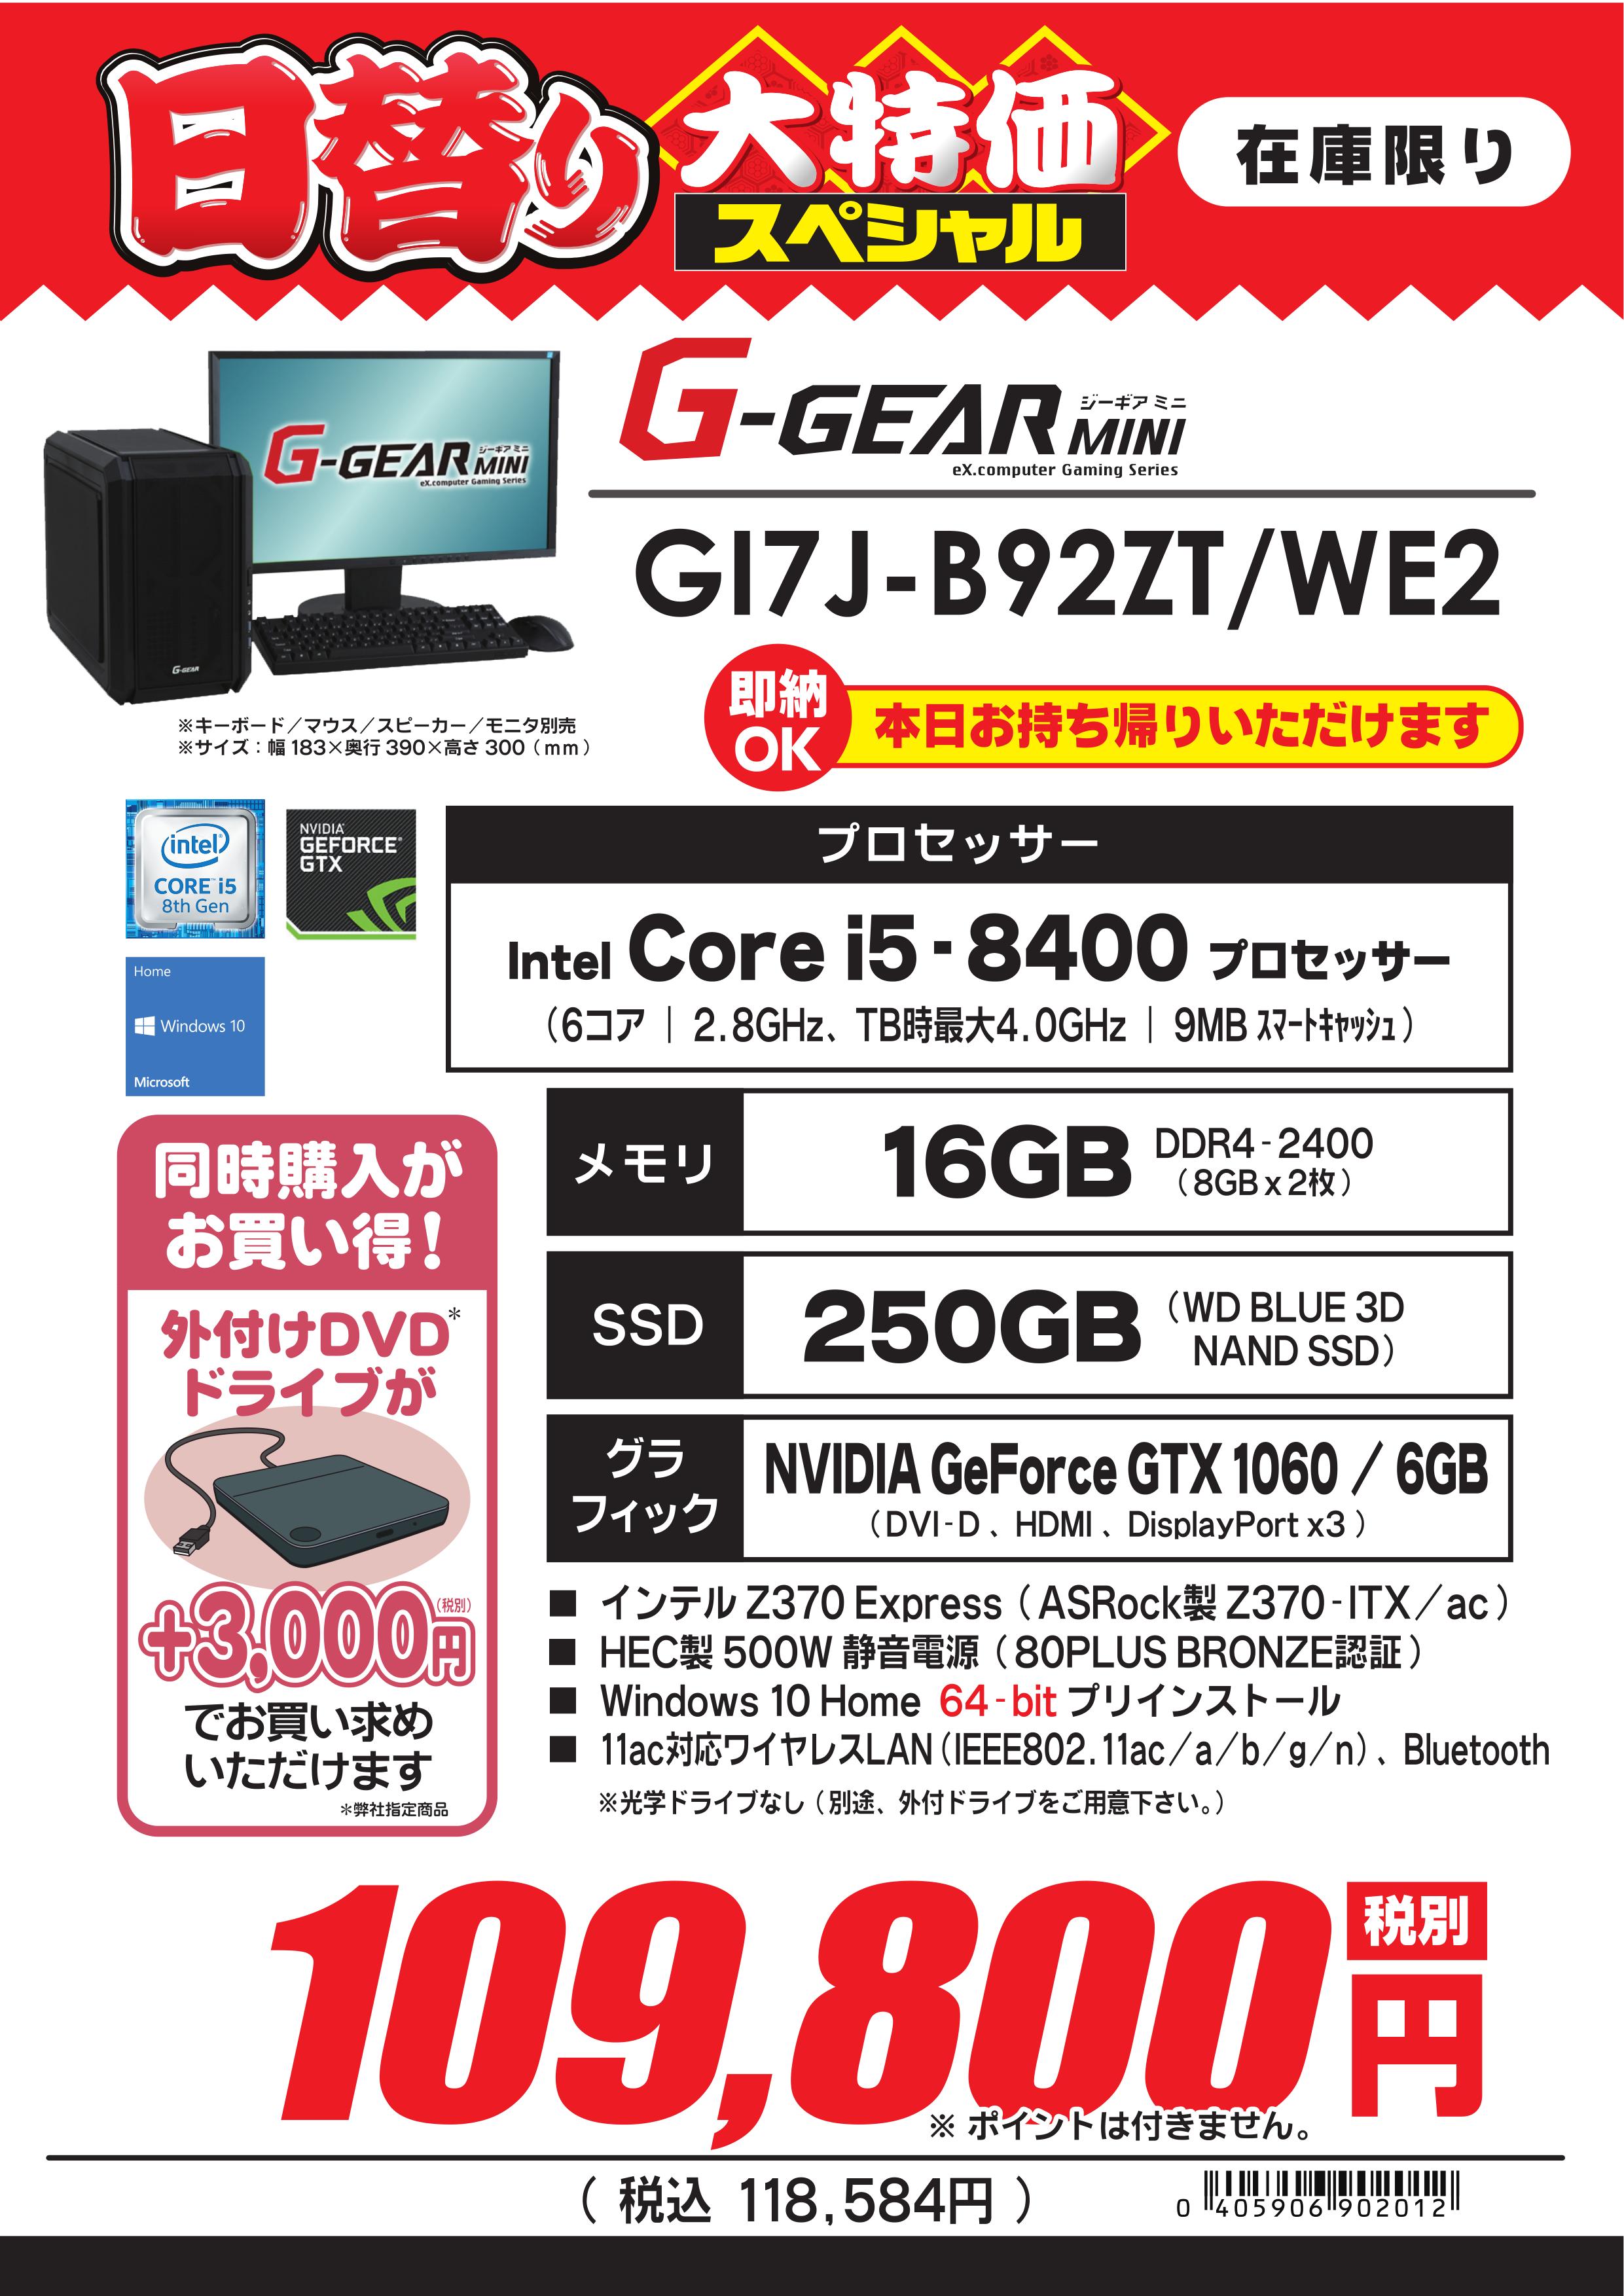 GI7J-B92ZT_WE2_imgs-0001.png